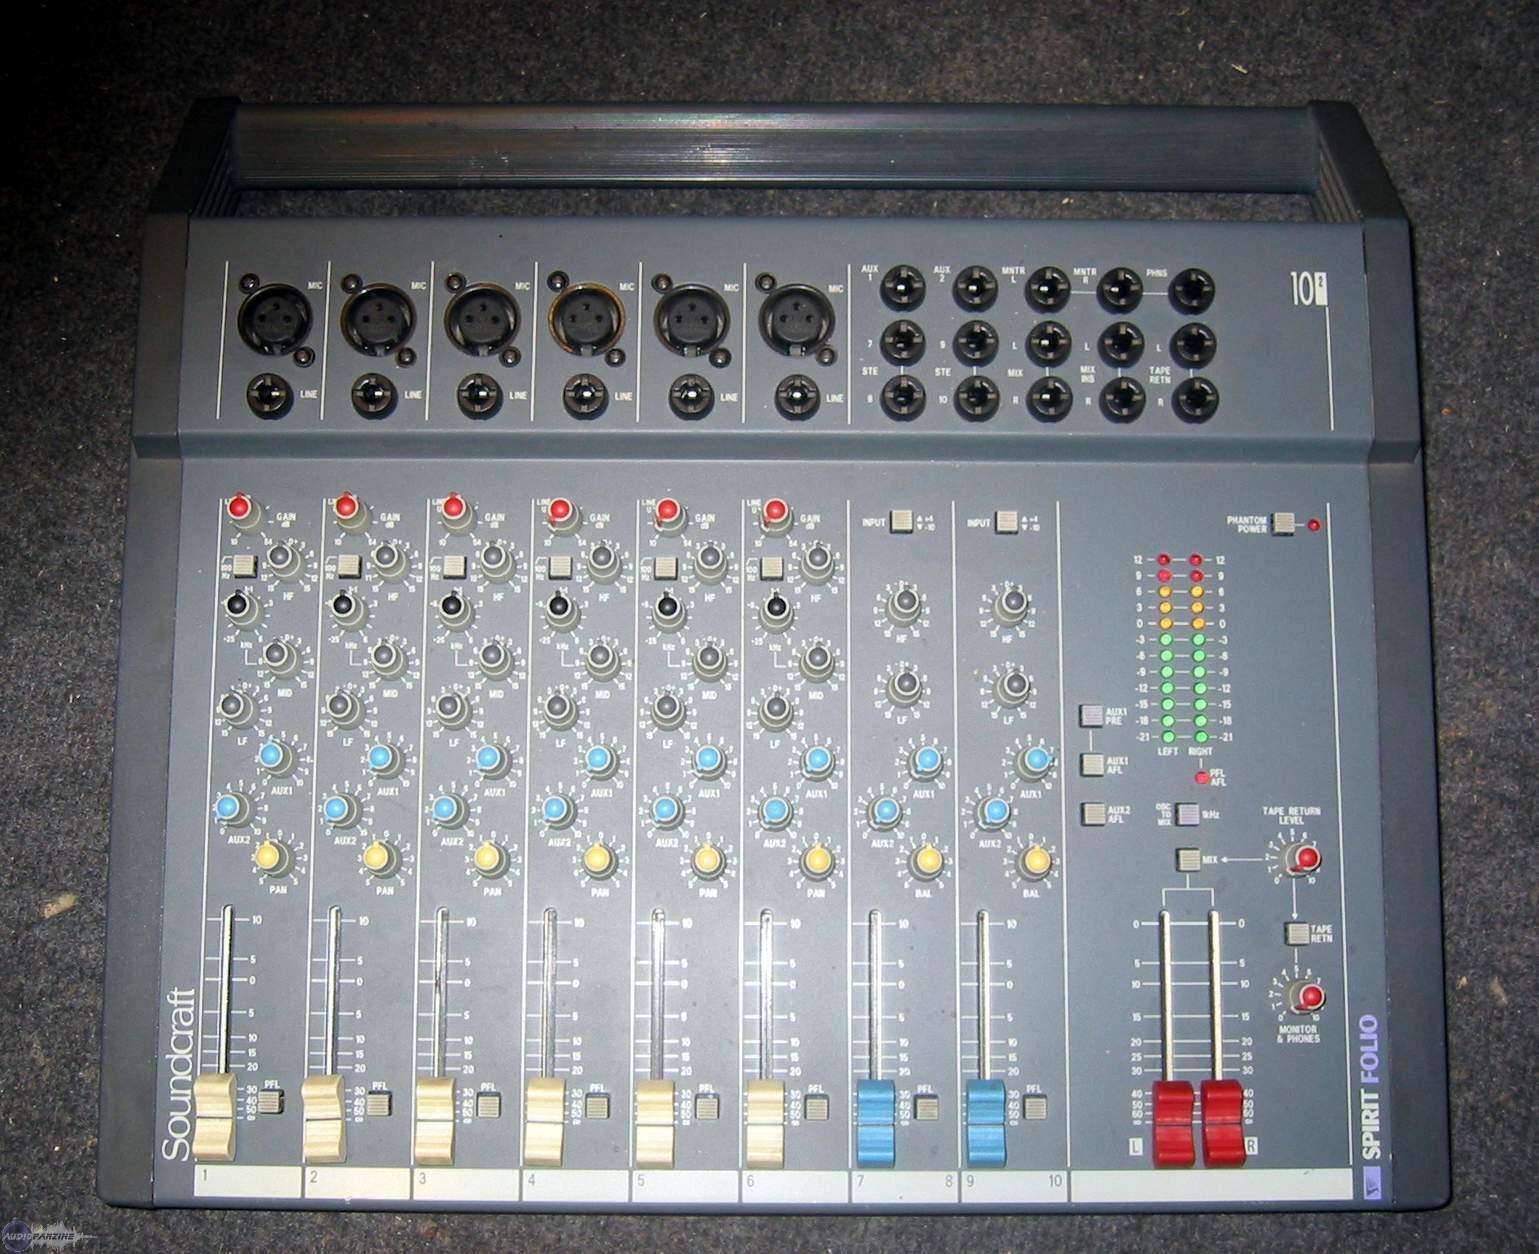 Super Pictures and images Soundcraft Spirit Folio 10/2 - Audiofanzine GE-67